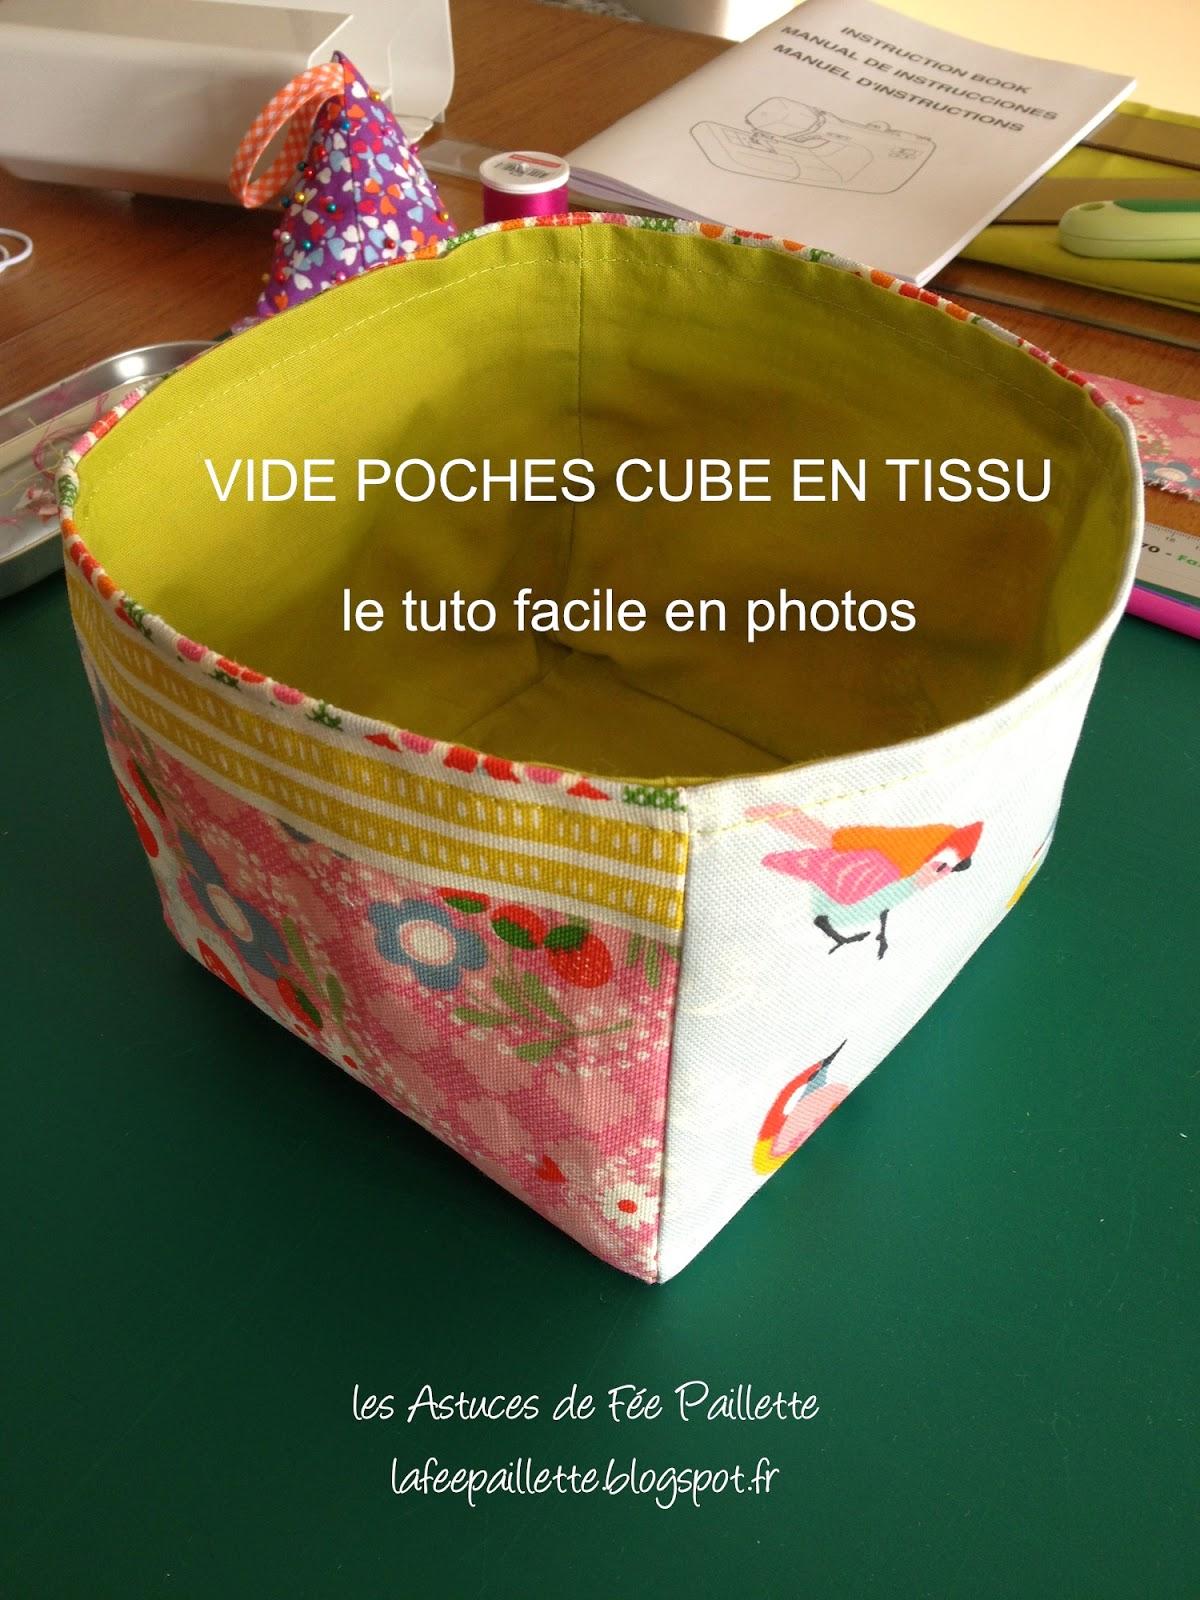 Super Les Astuces de Fée Paillette: Tuto Coudre un VIDE POCHE CUBE forme  WR04